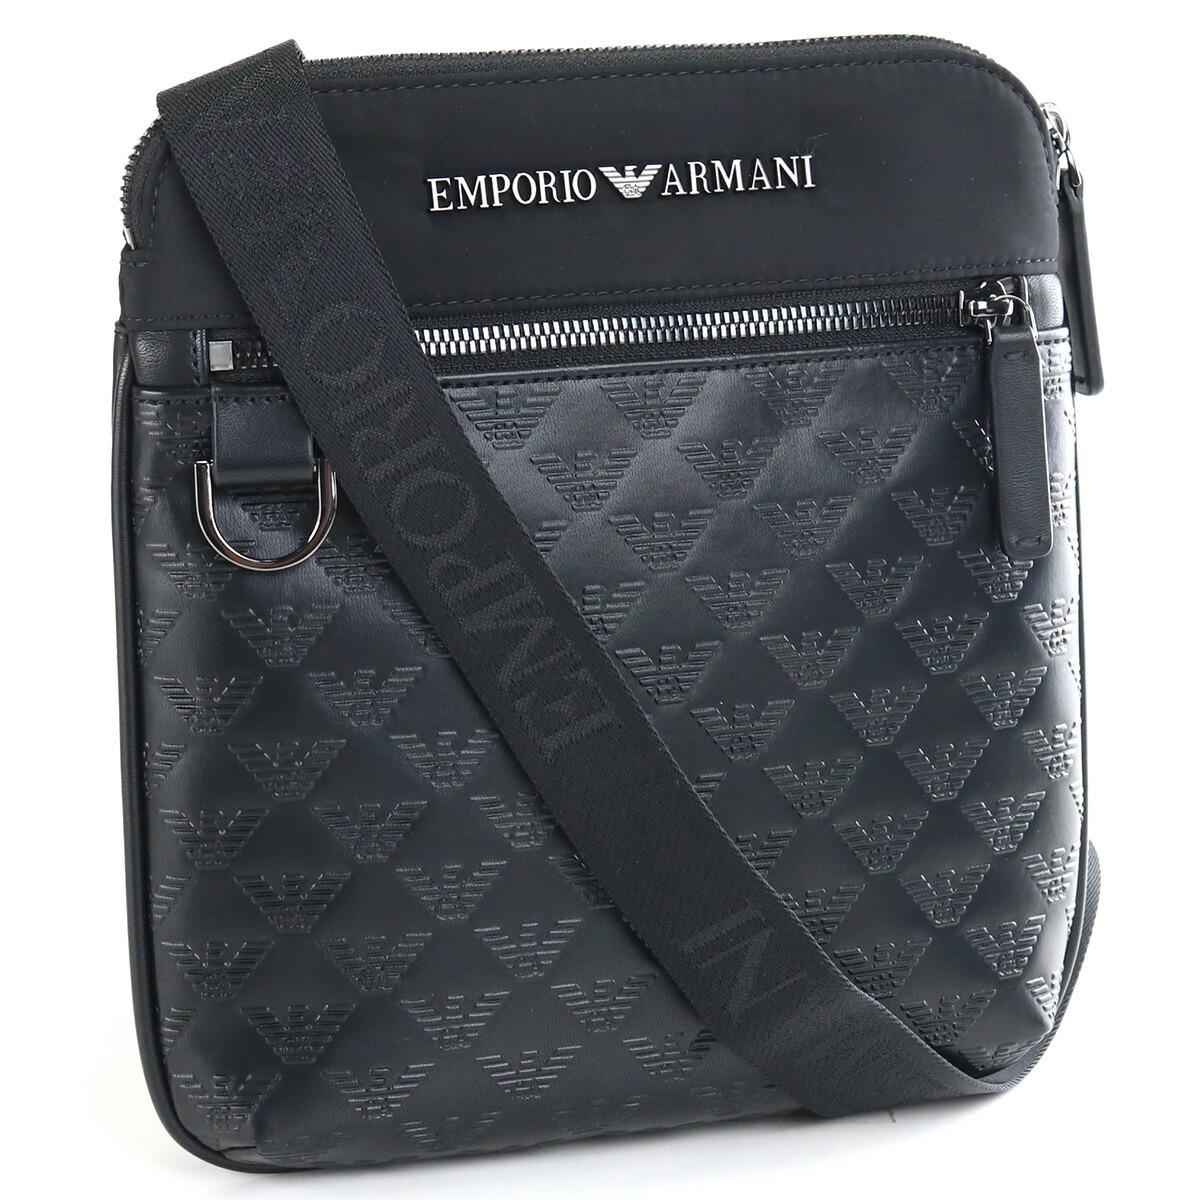 エンポリオ・アルマーニ EMPORIO ARMANI  斜め掛けショルダー ブランドバッグ Y4M185 Y072J 81073 BLACK/BLACK ブラック bag-01